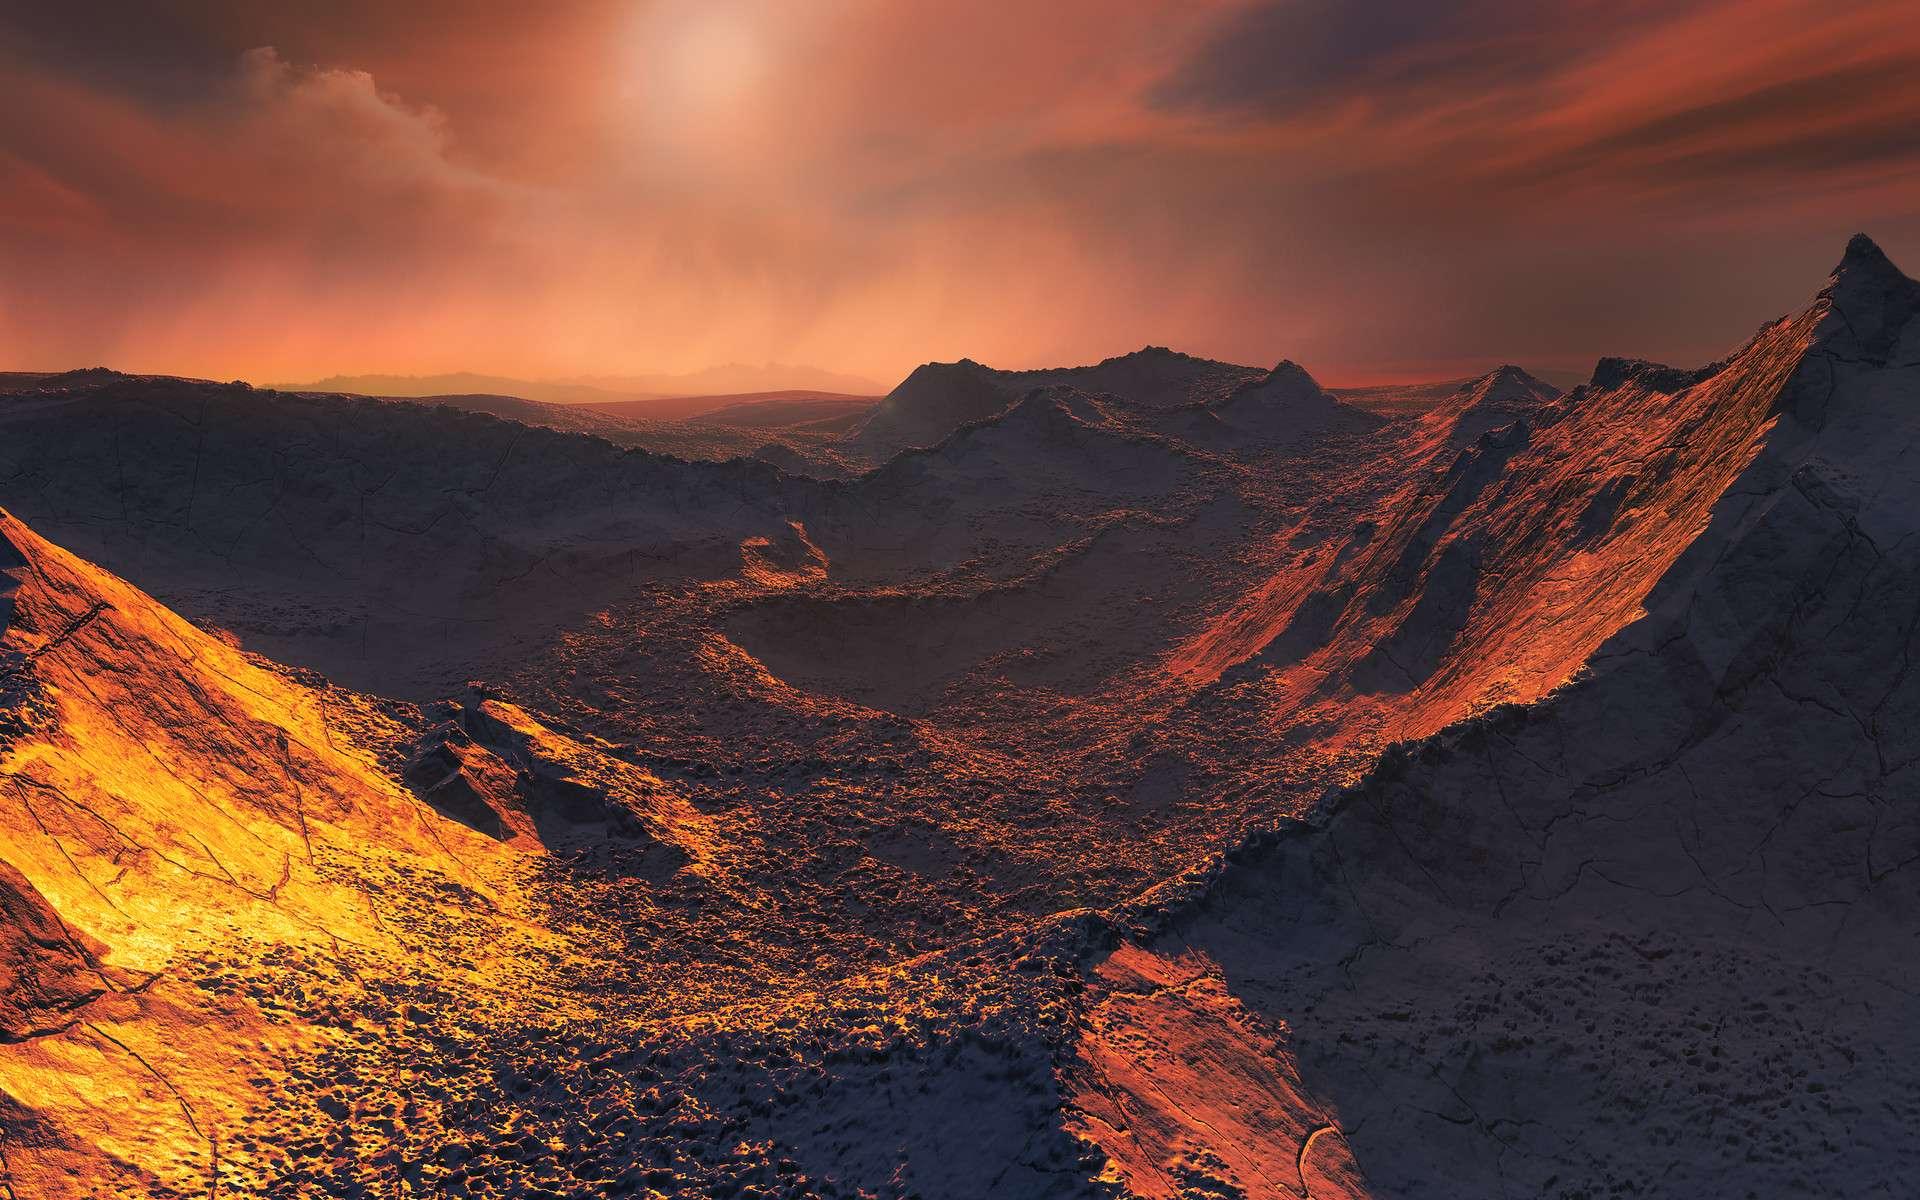 L'étoile simple la plus proche du Soleil abrite une exoplanète dont la masse excède les 3,2 masses terrestres, soit une superterre. Des données issues d'un réseau mondial de télescopes parmi lesquels figure l'instrument Harps, le chasseur de planètes de l'ESO, ont mis au jour l'existence de ce monde glacé et peu éclairé. Cette planète nouvellement découverte constitue la seconde exoplanète la plus proche de la Terre en orbite autour de l'étoile qui se déplace le plus rapidement dans le ciel nocturne. Sur cette image, figure une vue d'artiste de la surface de la planète. © ESO, M. Kornmesser